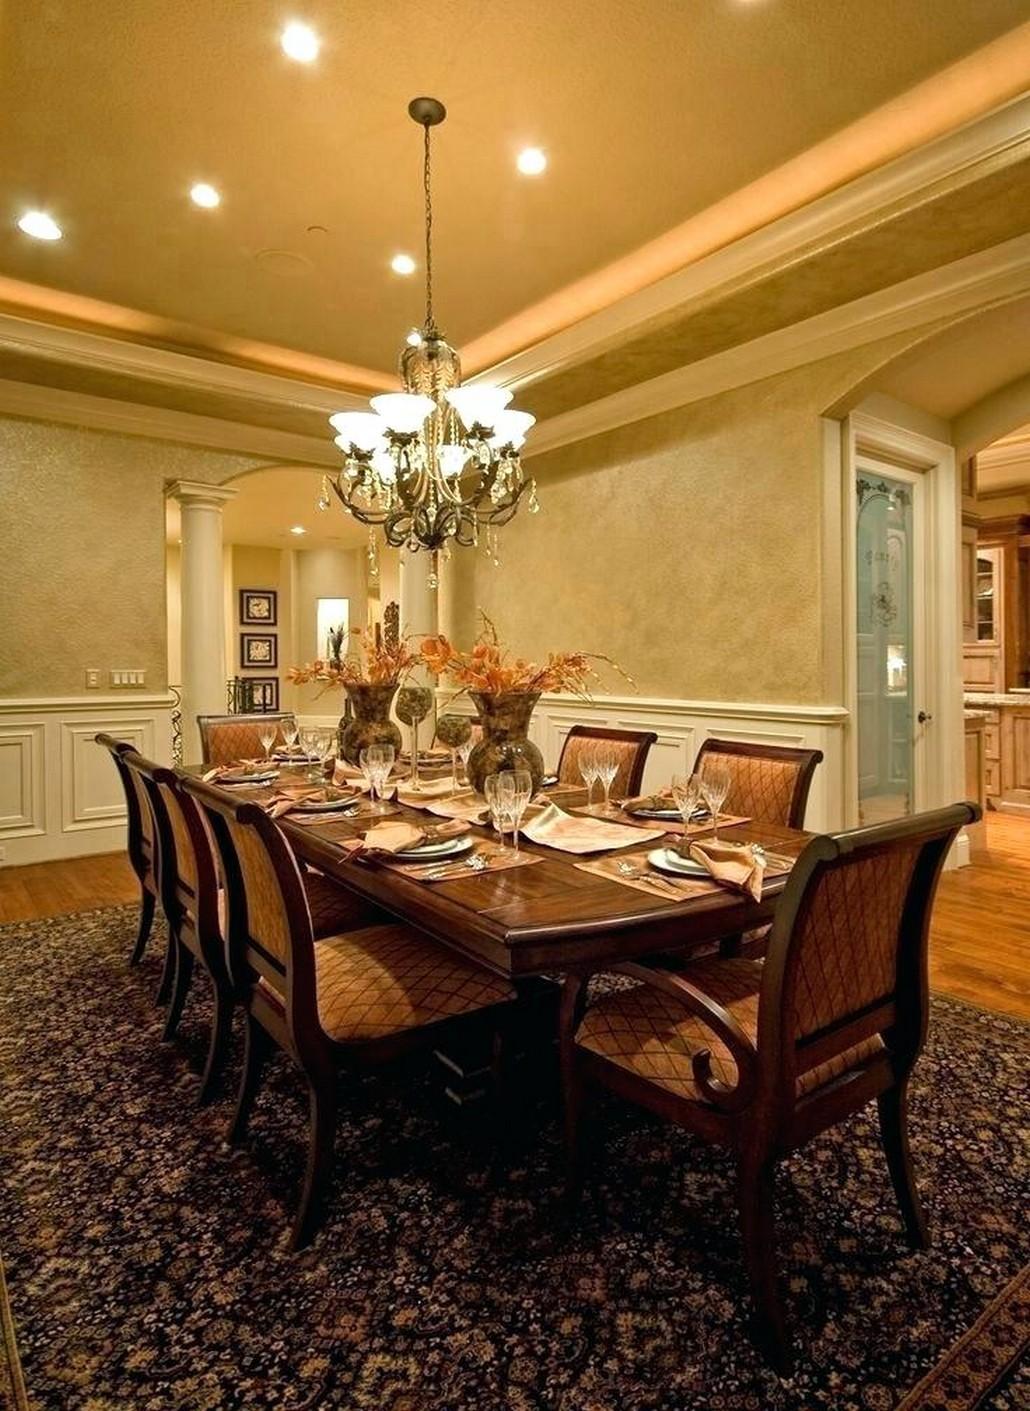 39 Great Dining Room Arrangement